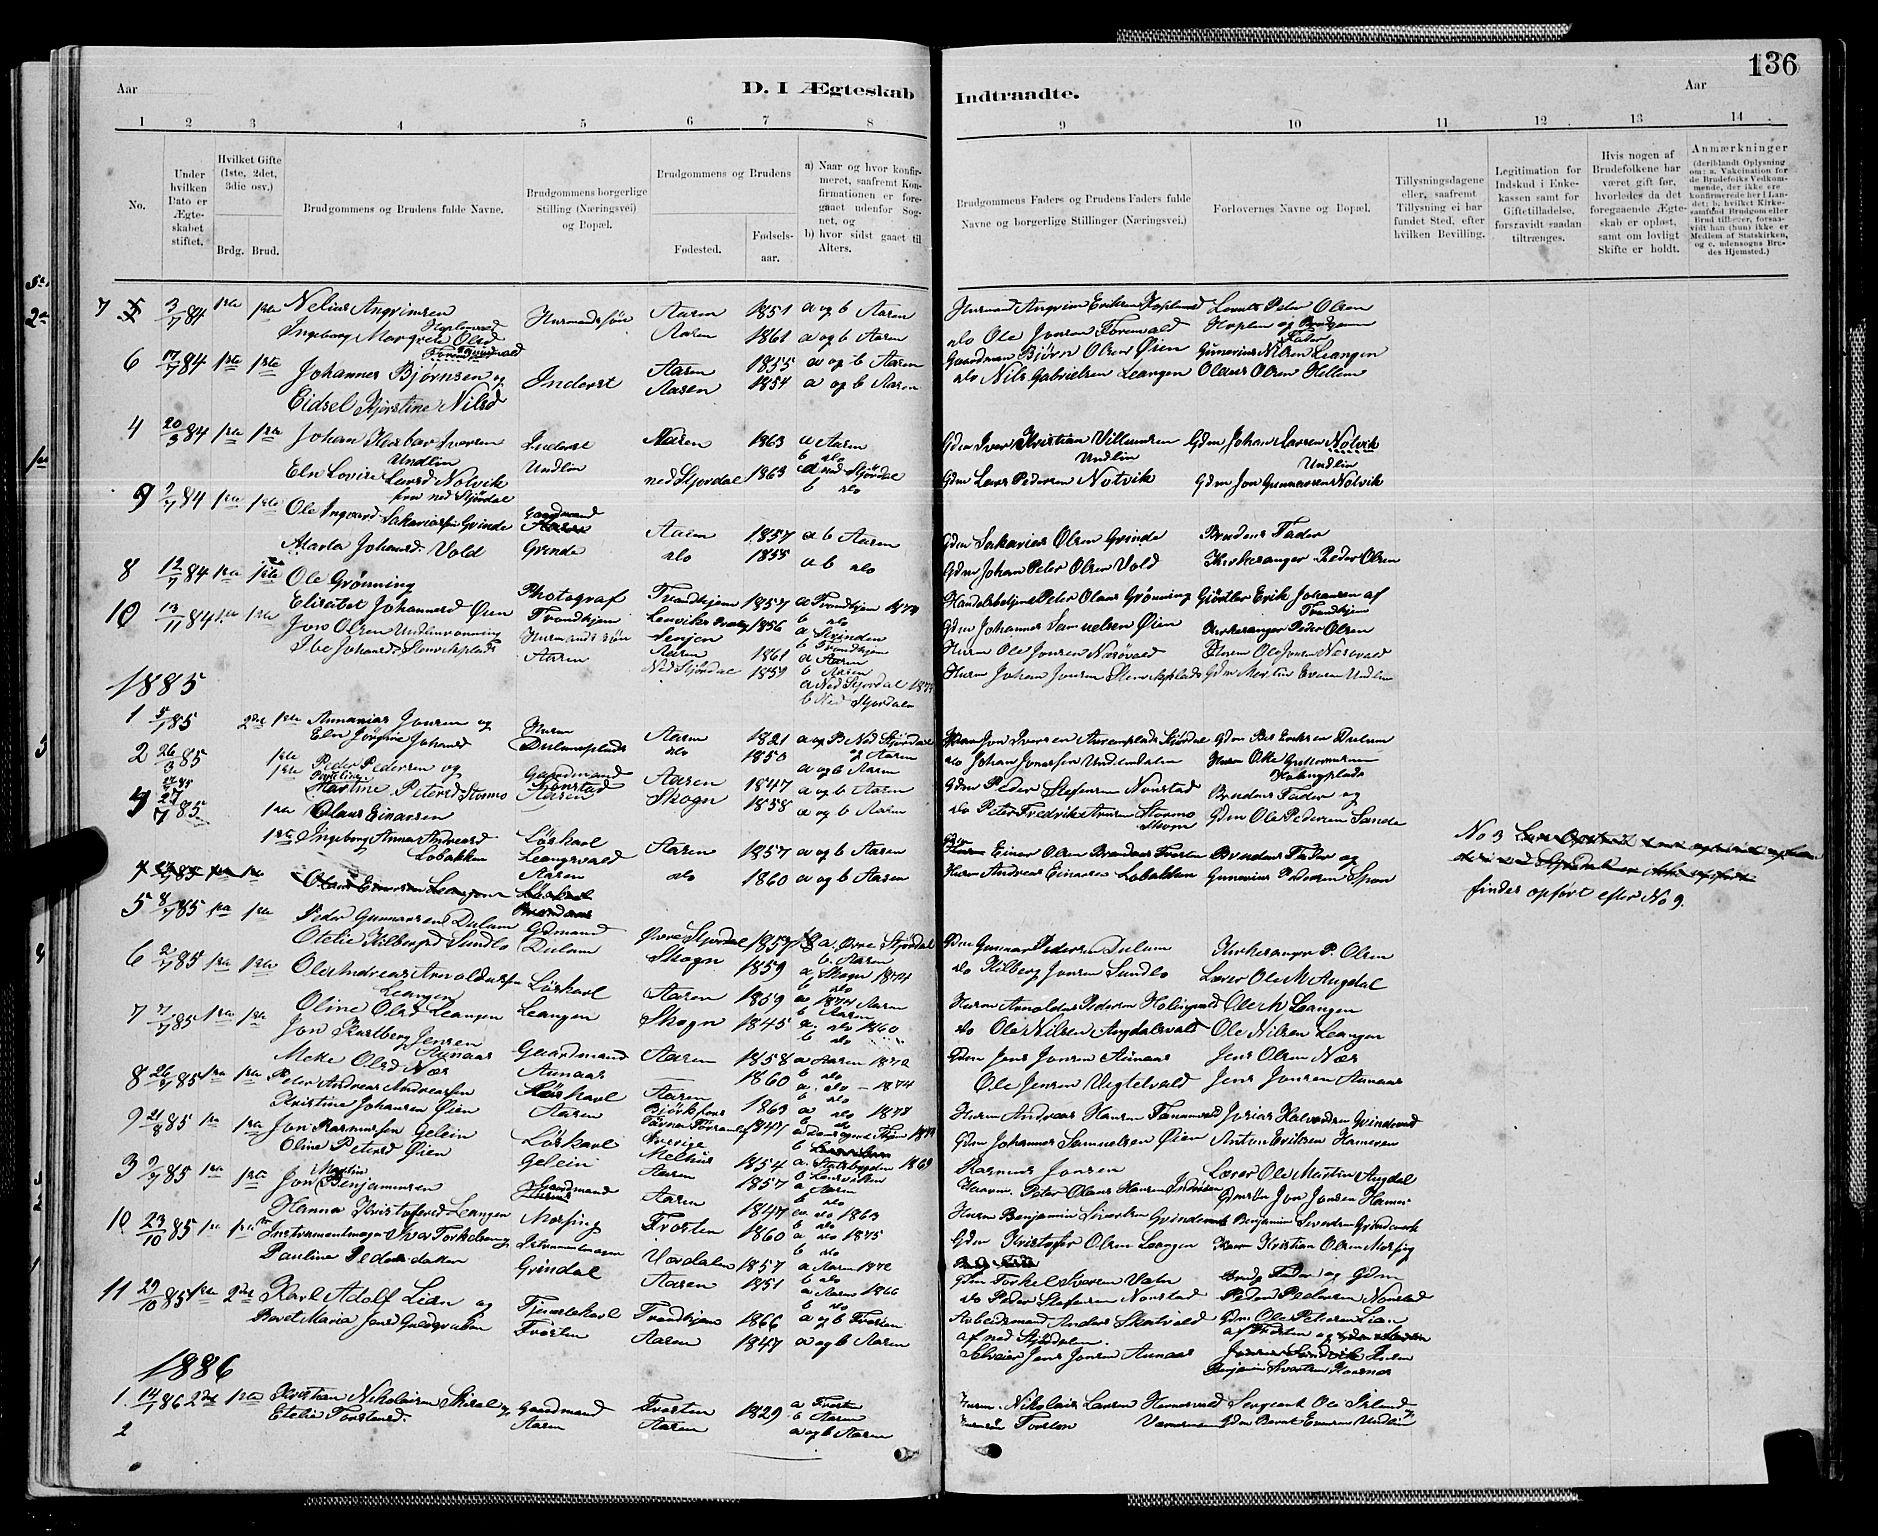 SAT, Ministerialprotokoller, klokkerbøker og fødselsregistre - Nord-Trøndelag, 714/L0134: Klokkerbok nr. 714C03, 1878-1898, s. 136